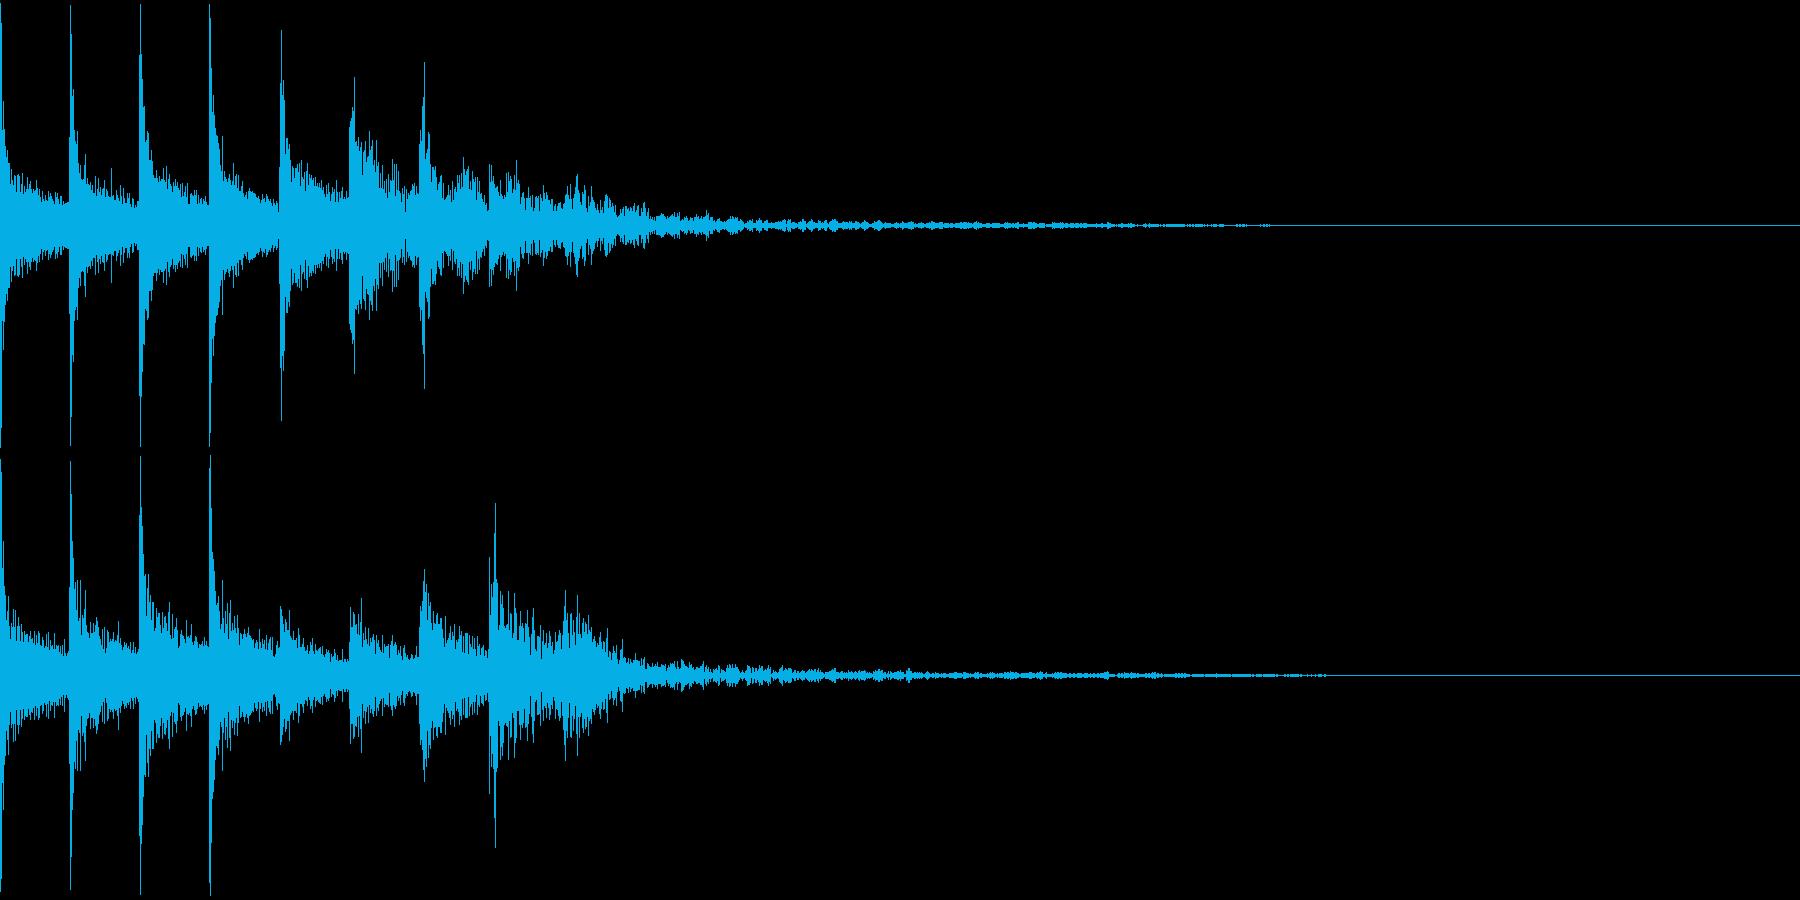 タム回し/低音へ/ドラムフィル/1の再生済みの波形